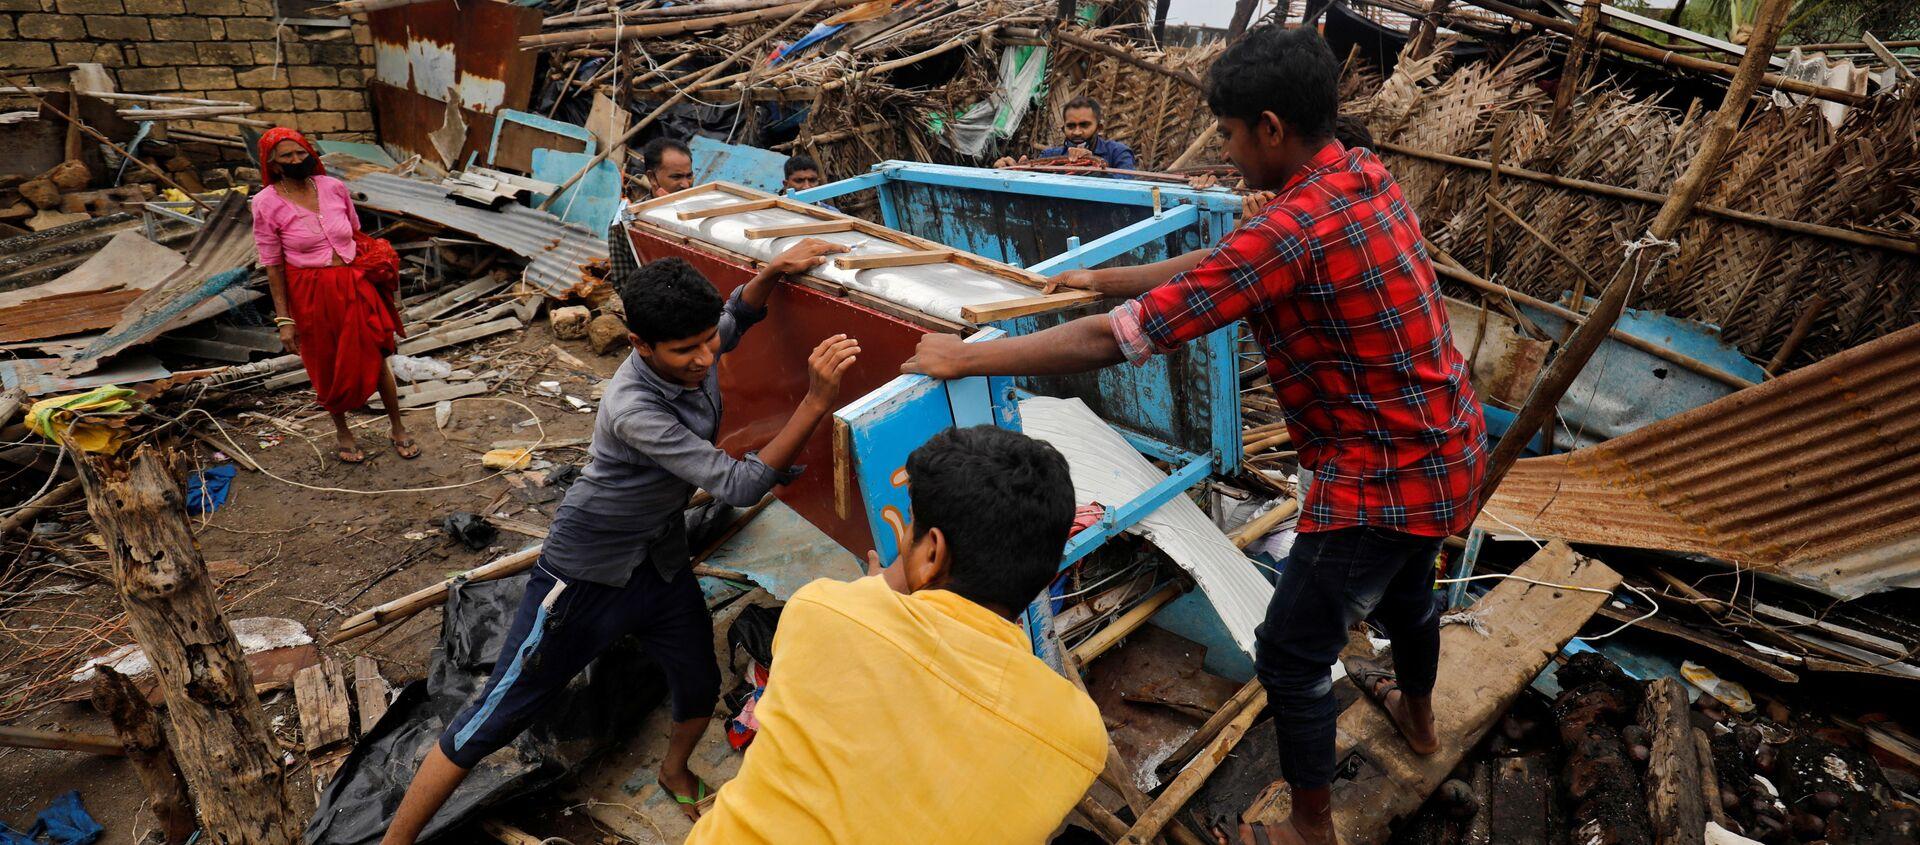 Hậu quả của cơn bão Tauktae ở Ấn Độ. - Sputnik Việt Nam, 1920, 19.05.2021